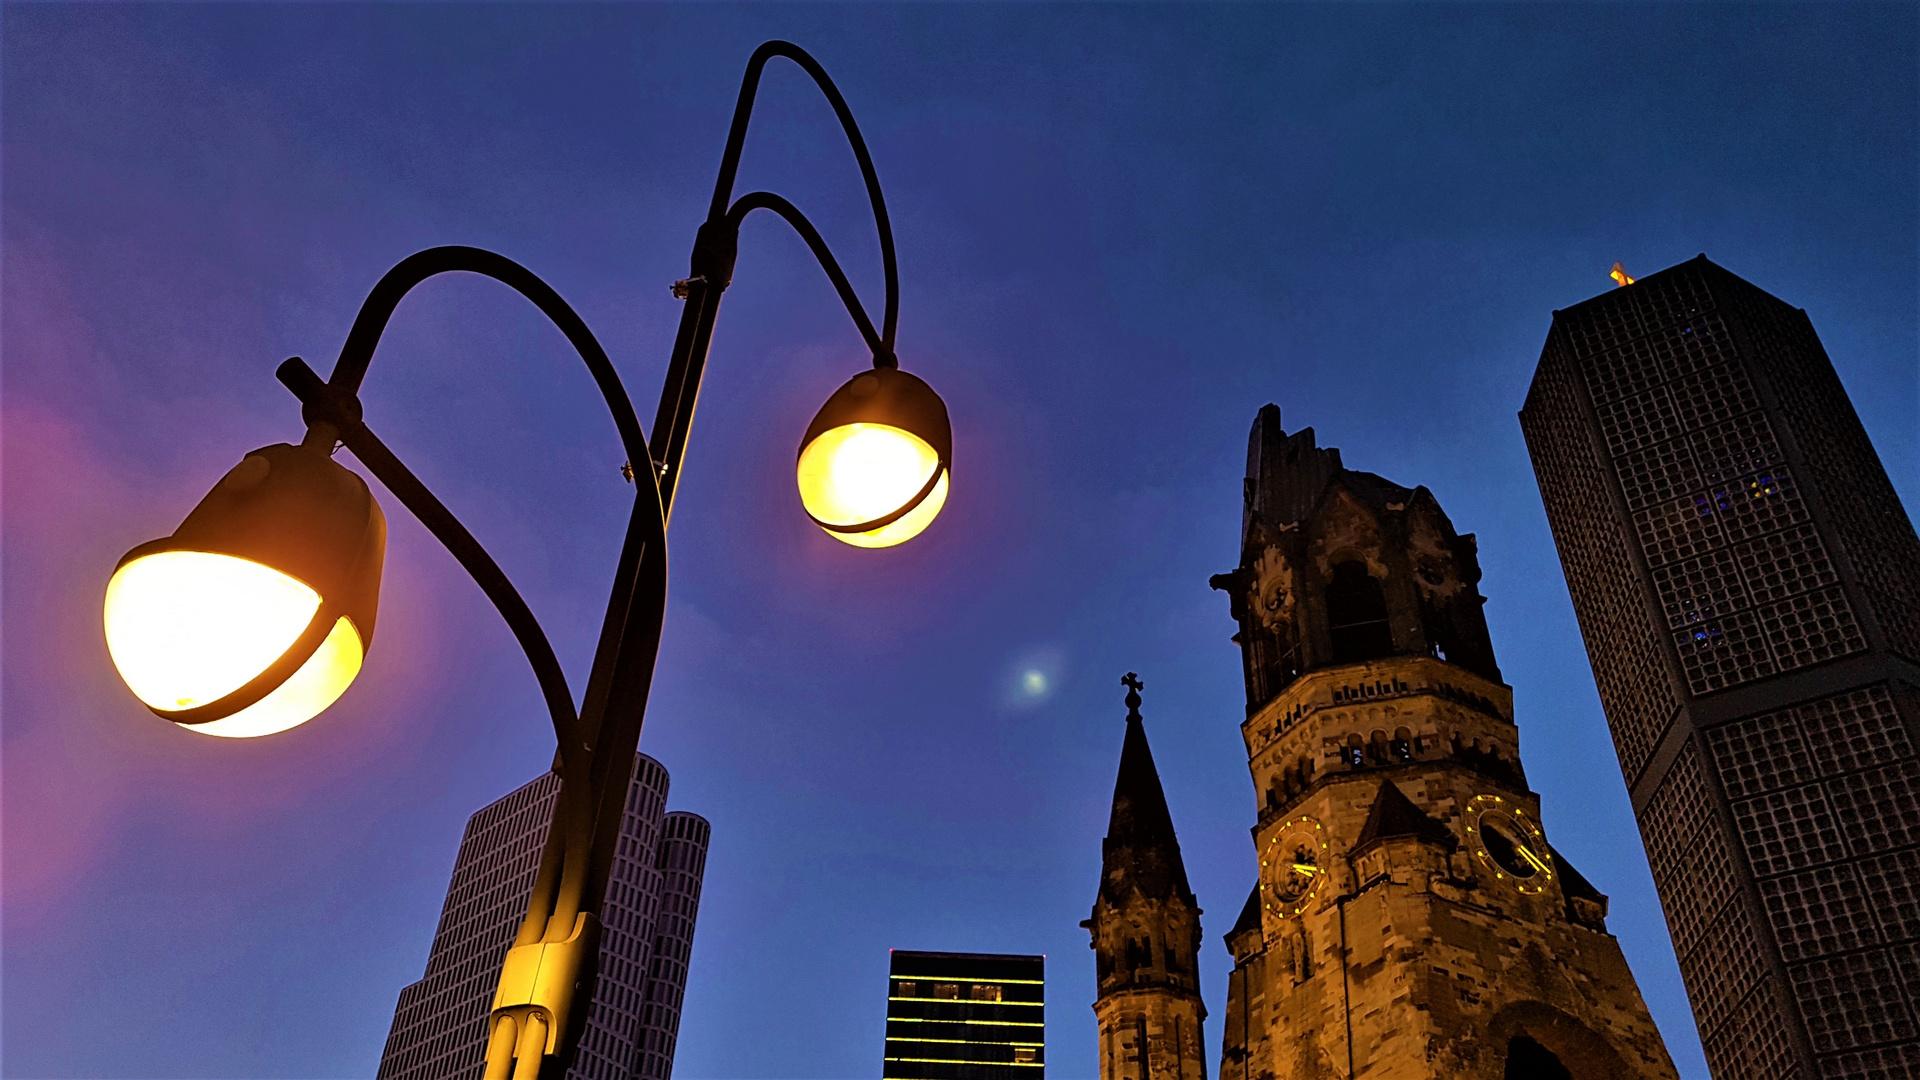 Berliner Ansicht mit verdecktem Mond